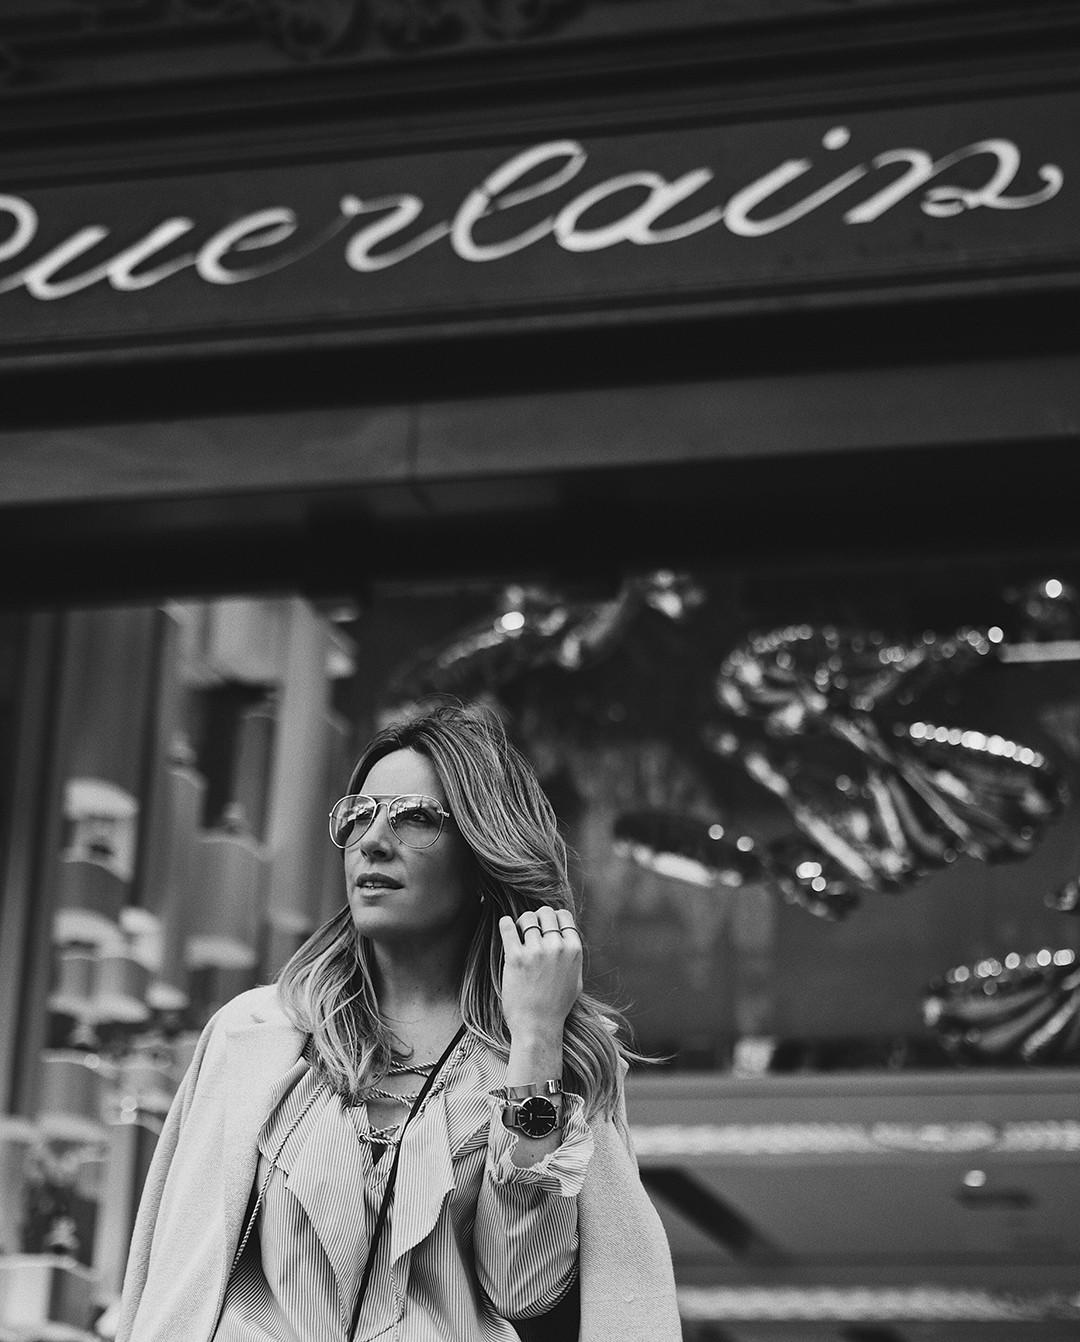 Maison-Guerlain-Paris-Monica-Sors-2017-deff